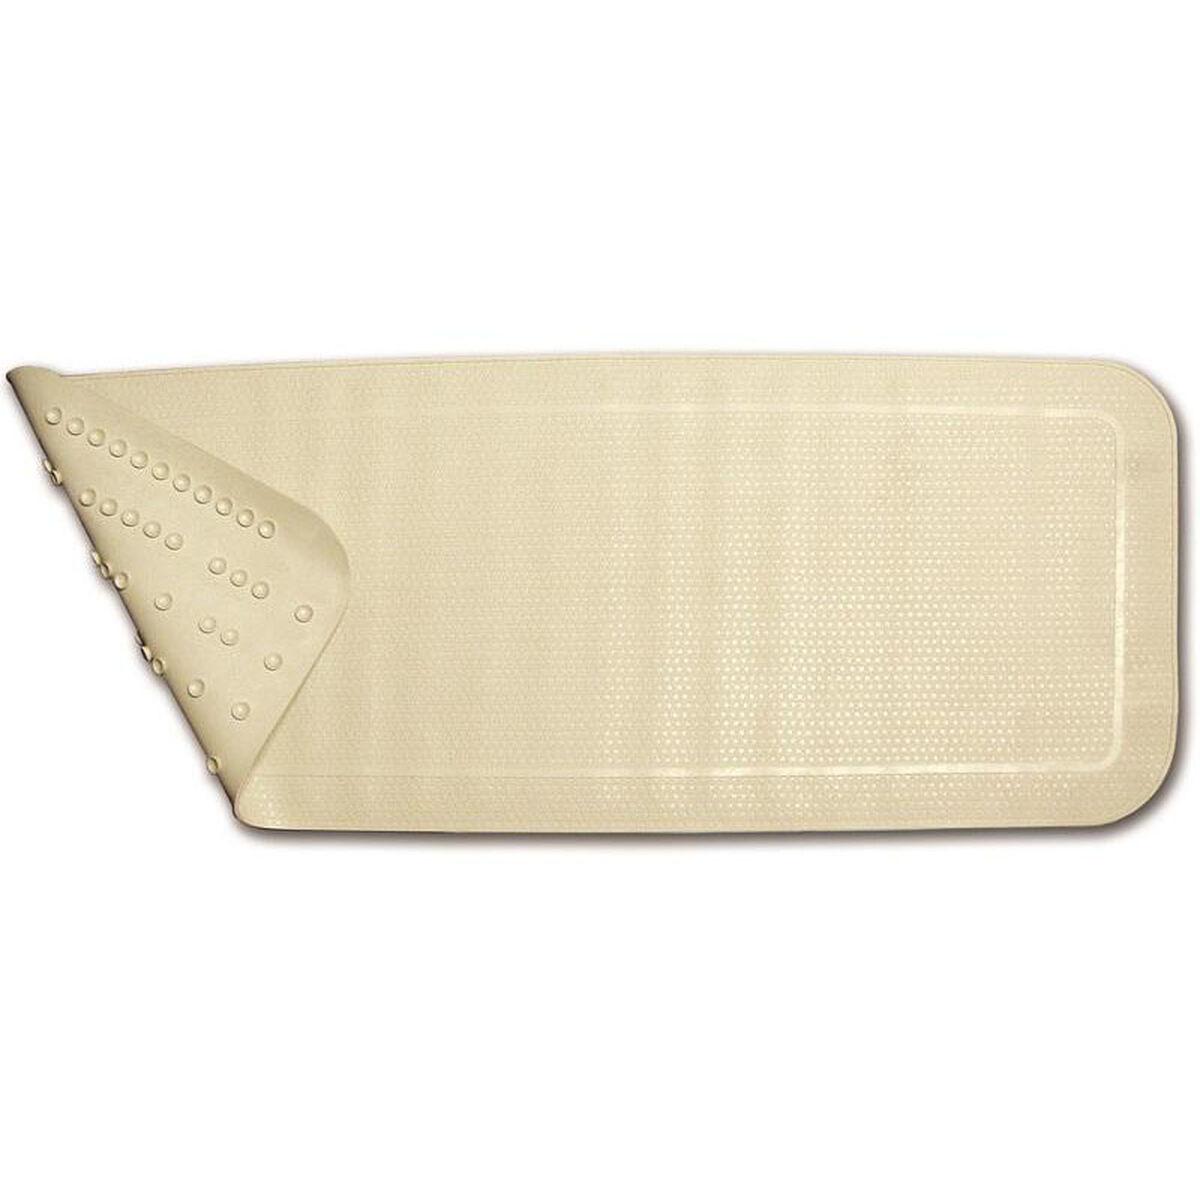 Lumex Sure Safe 174 Bath Mat 36 L X 14 W